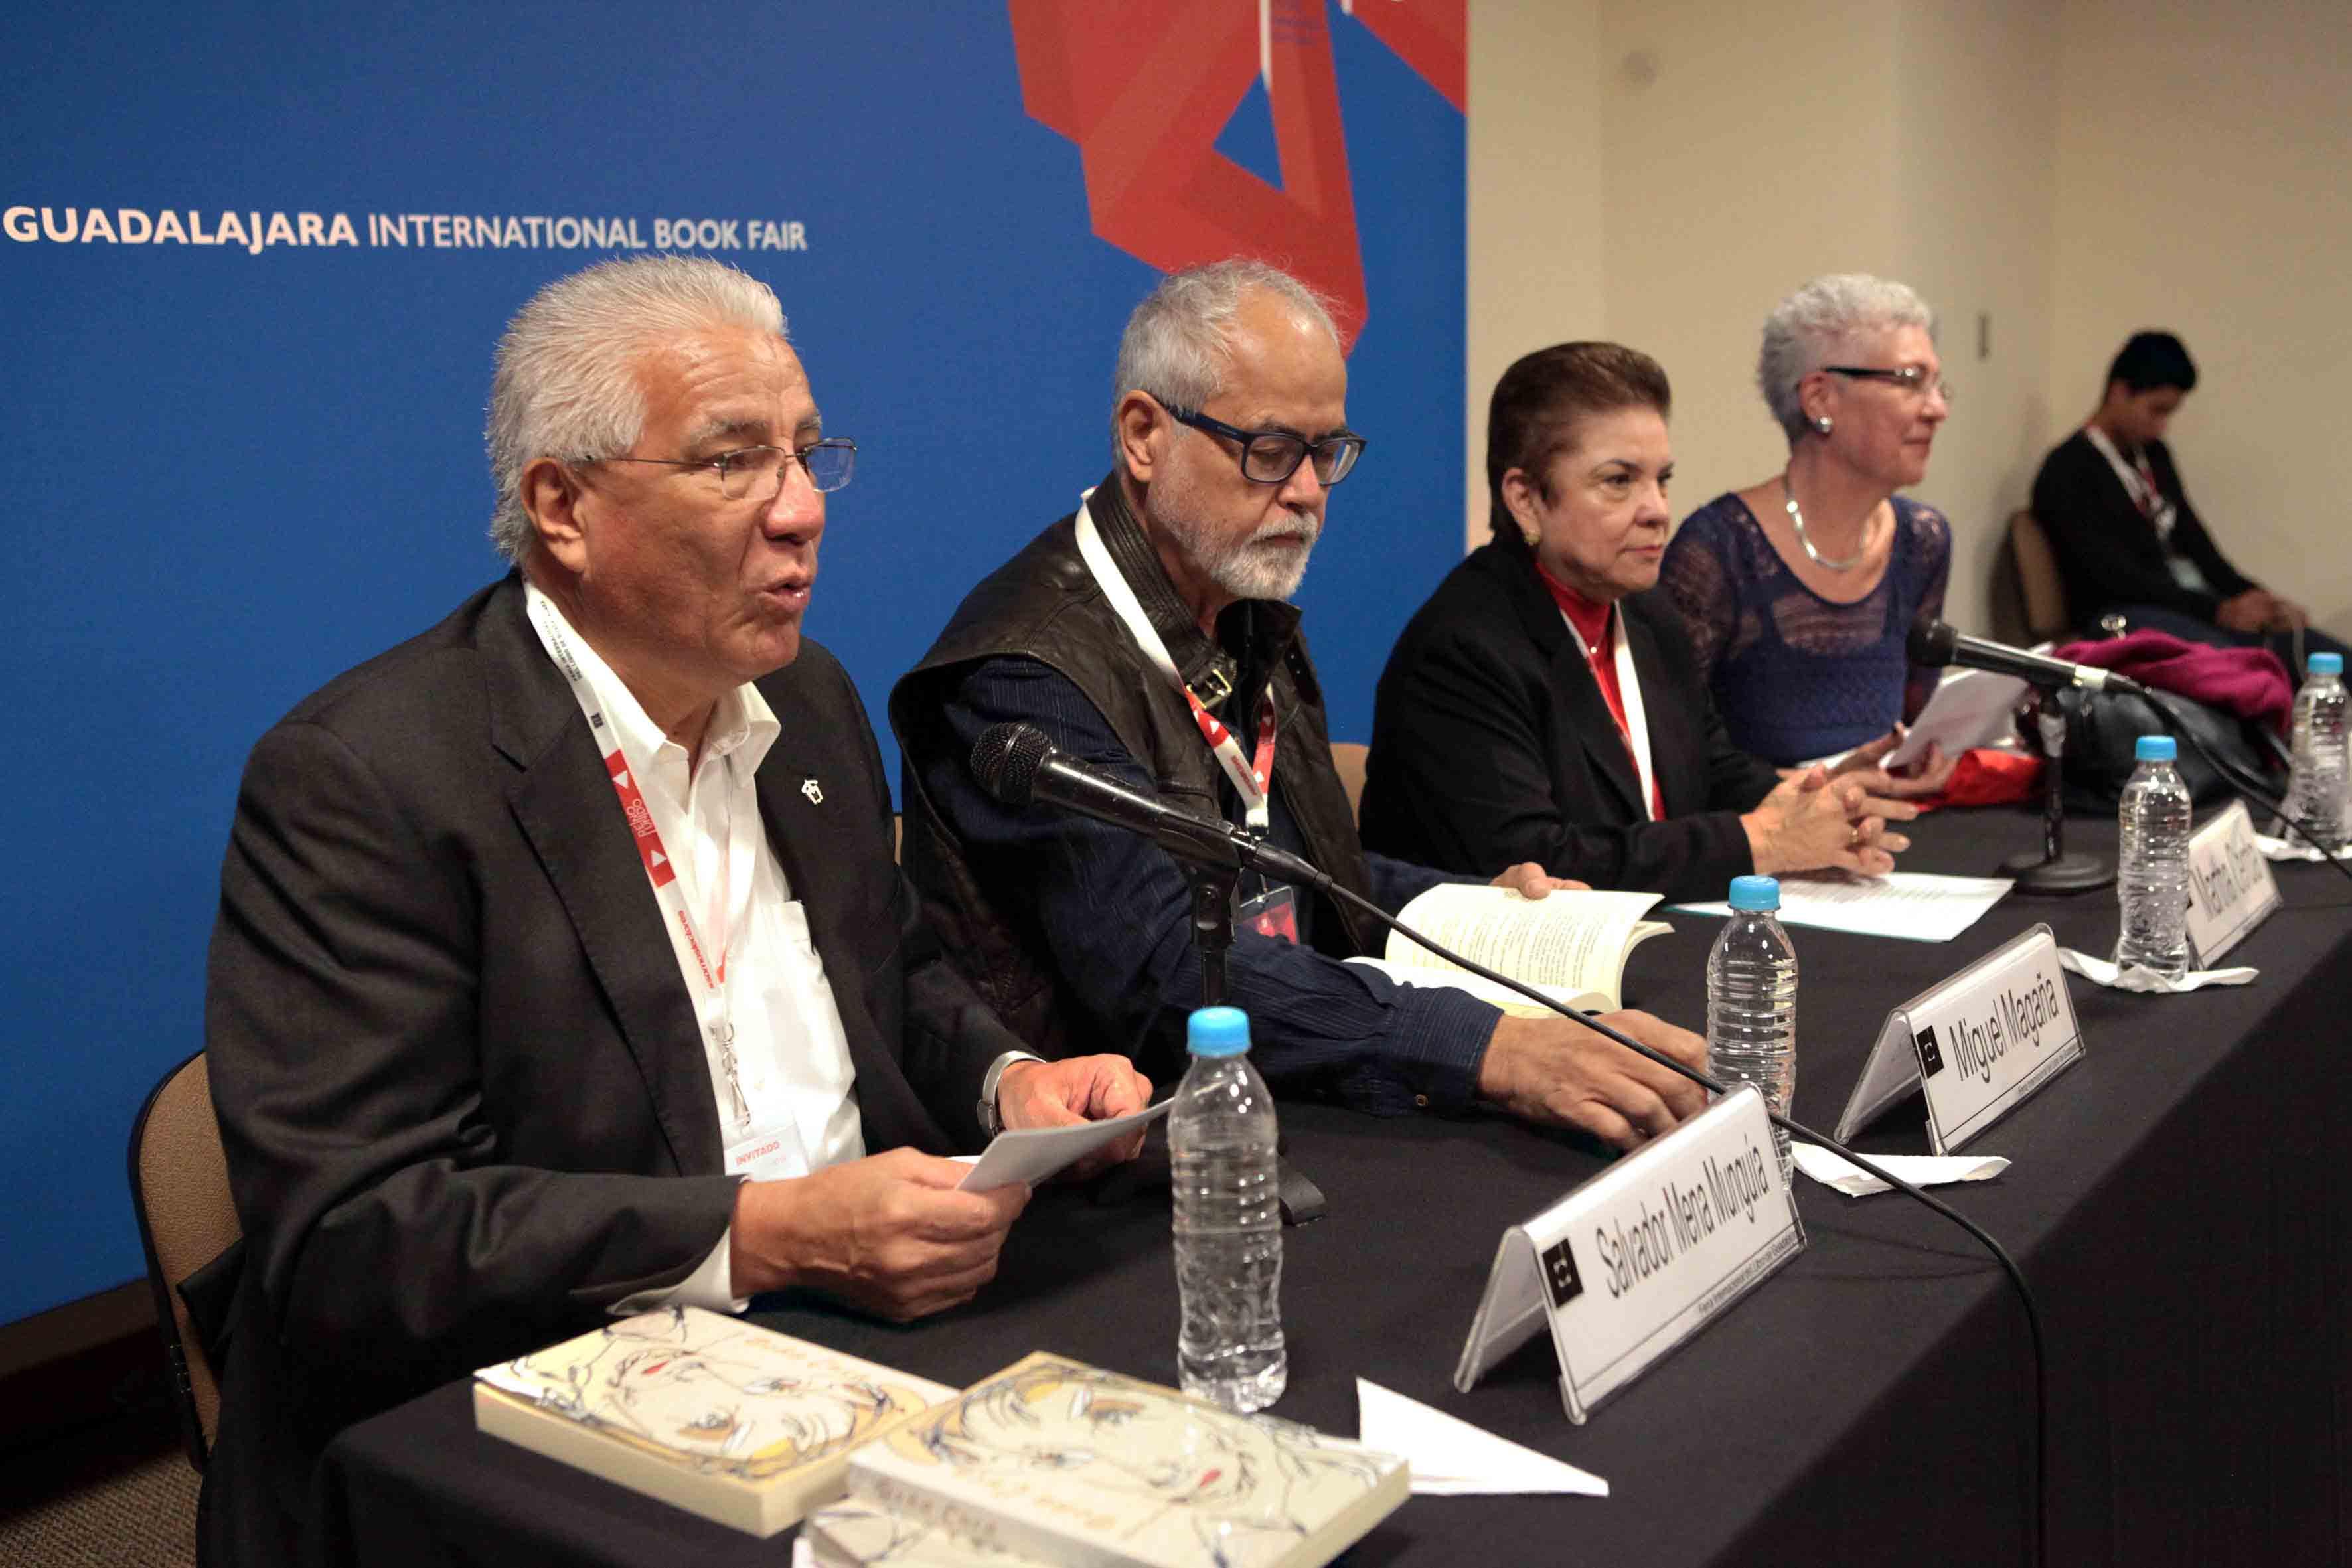 Ceremonia de presentación de la novela titulada Doña Cuca, en la FIL